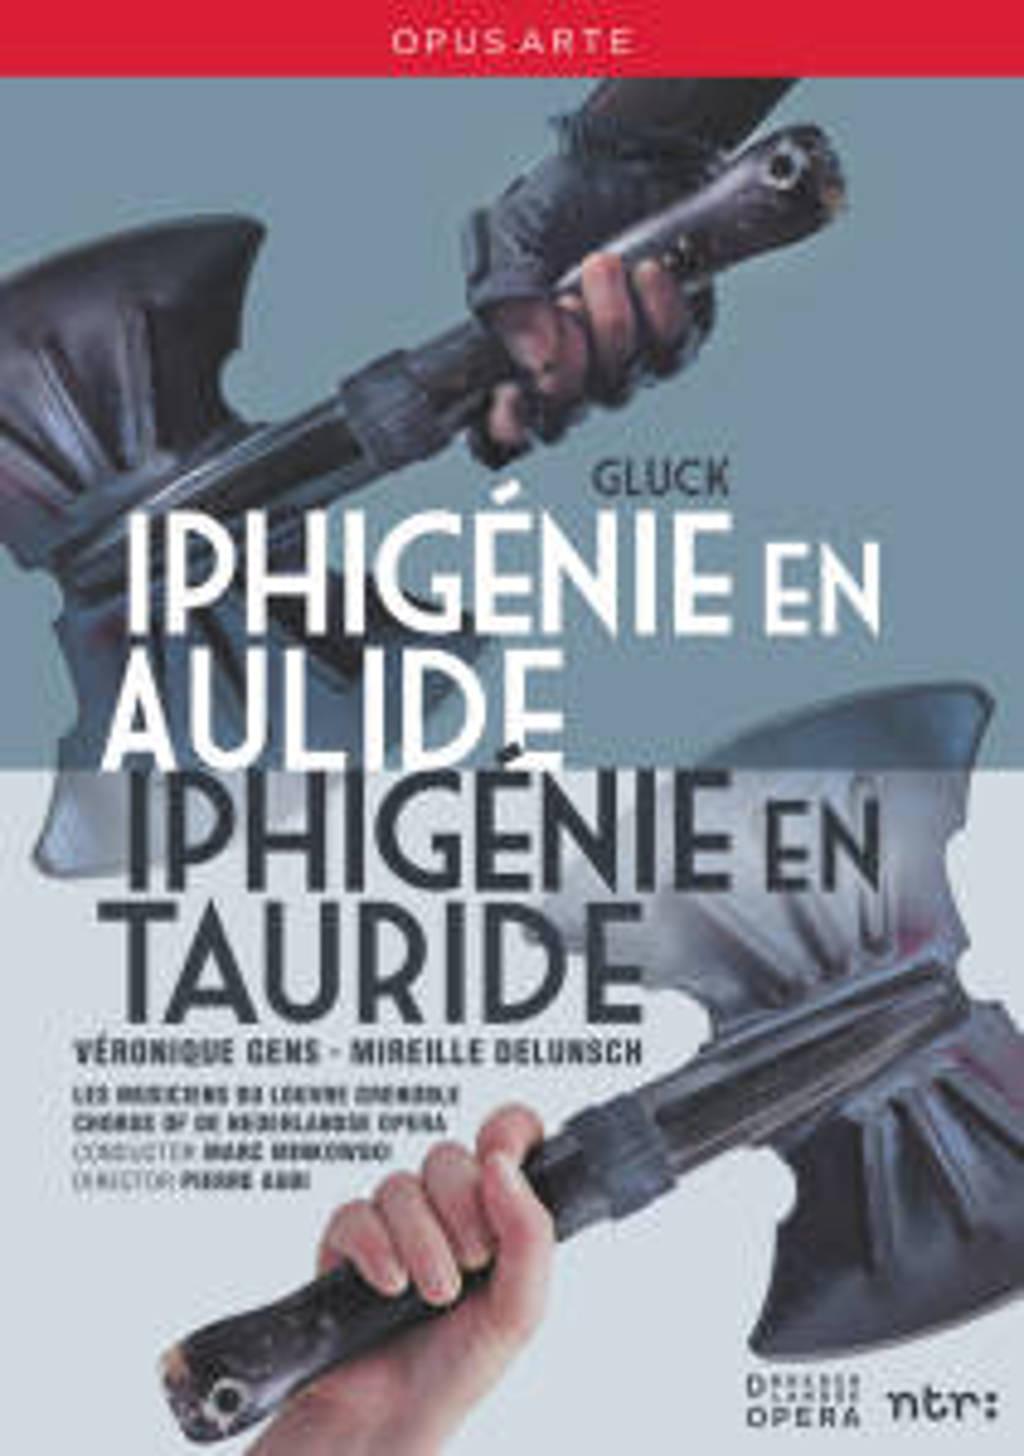 Les Musiciens Du Louvre.Grenoble / - Iphig,Nie En Aulide & Tauride (DVD)